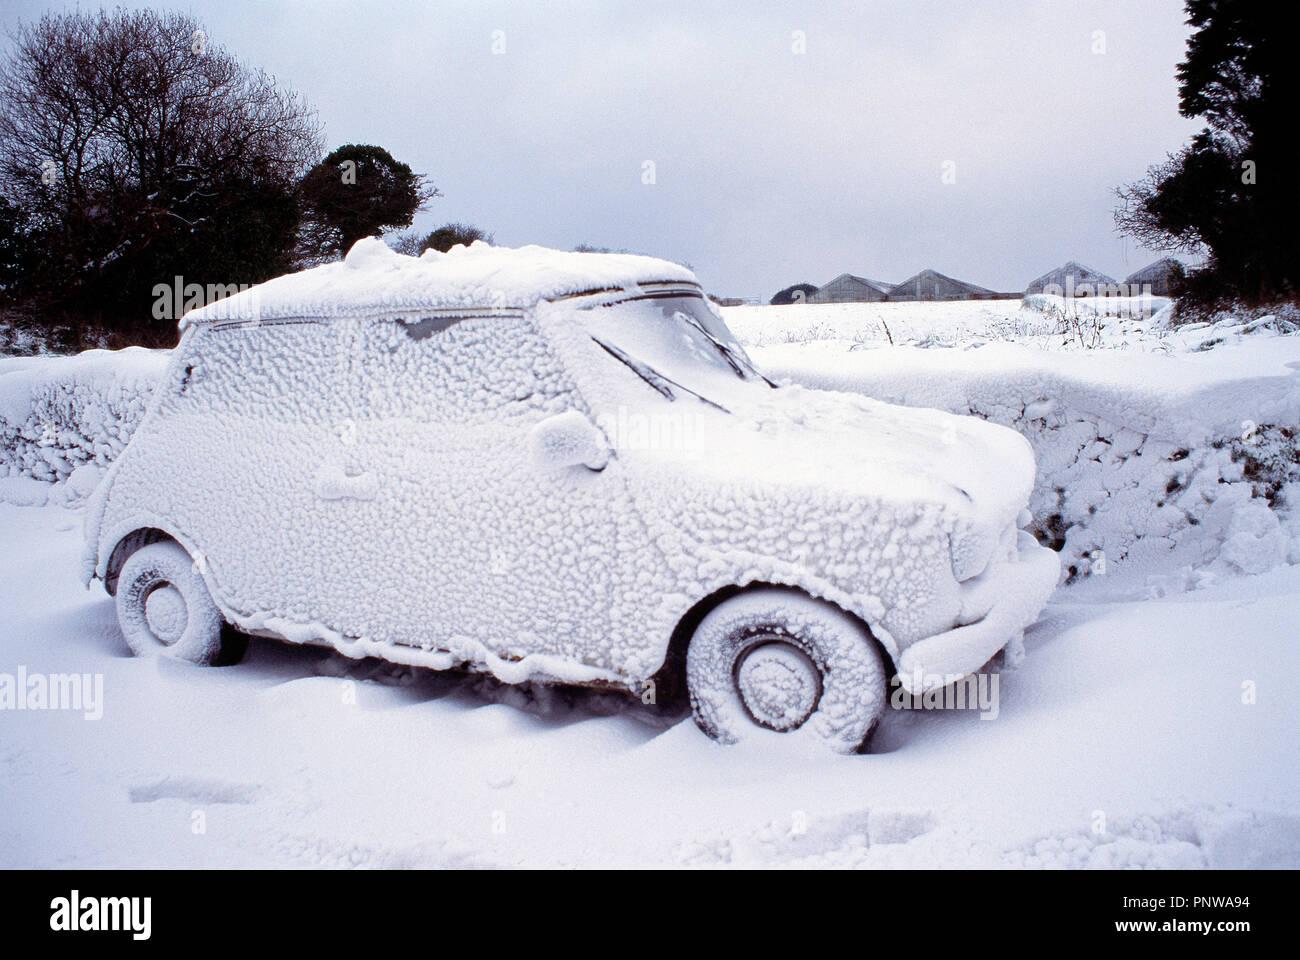 Escena de Invierno con mini coche cubierto de nieve. Islas del Canal. Guernsey. Imagen De Stock